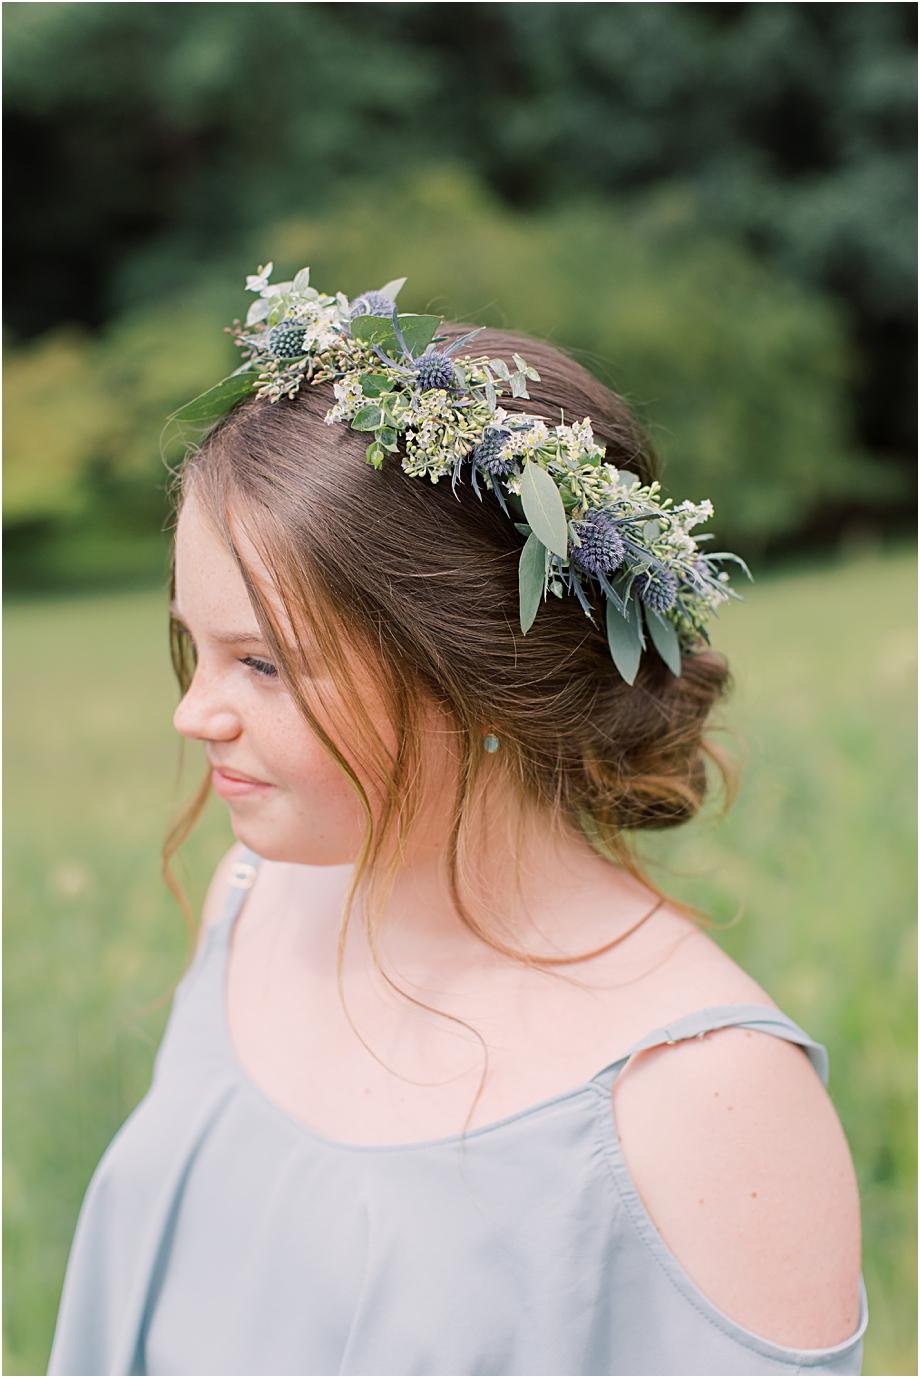 DFW Event Design Flower Crown